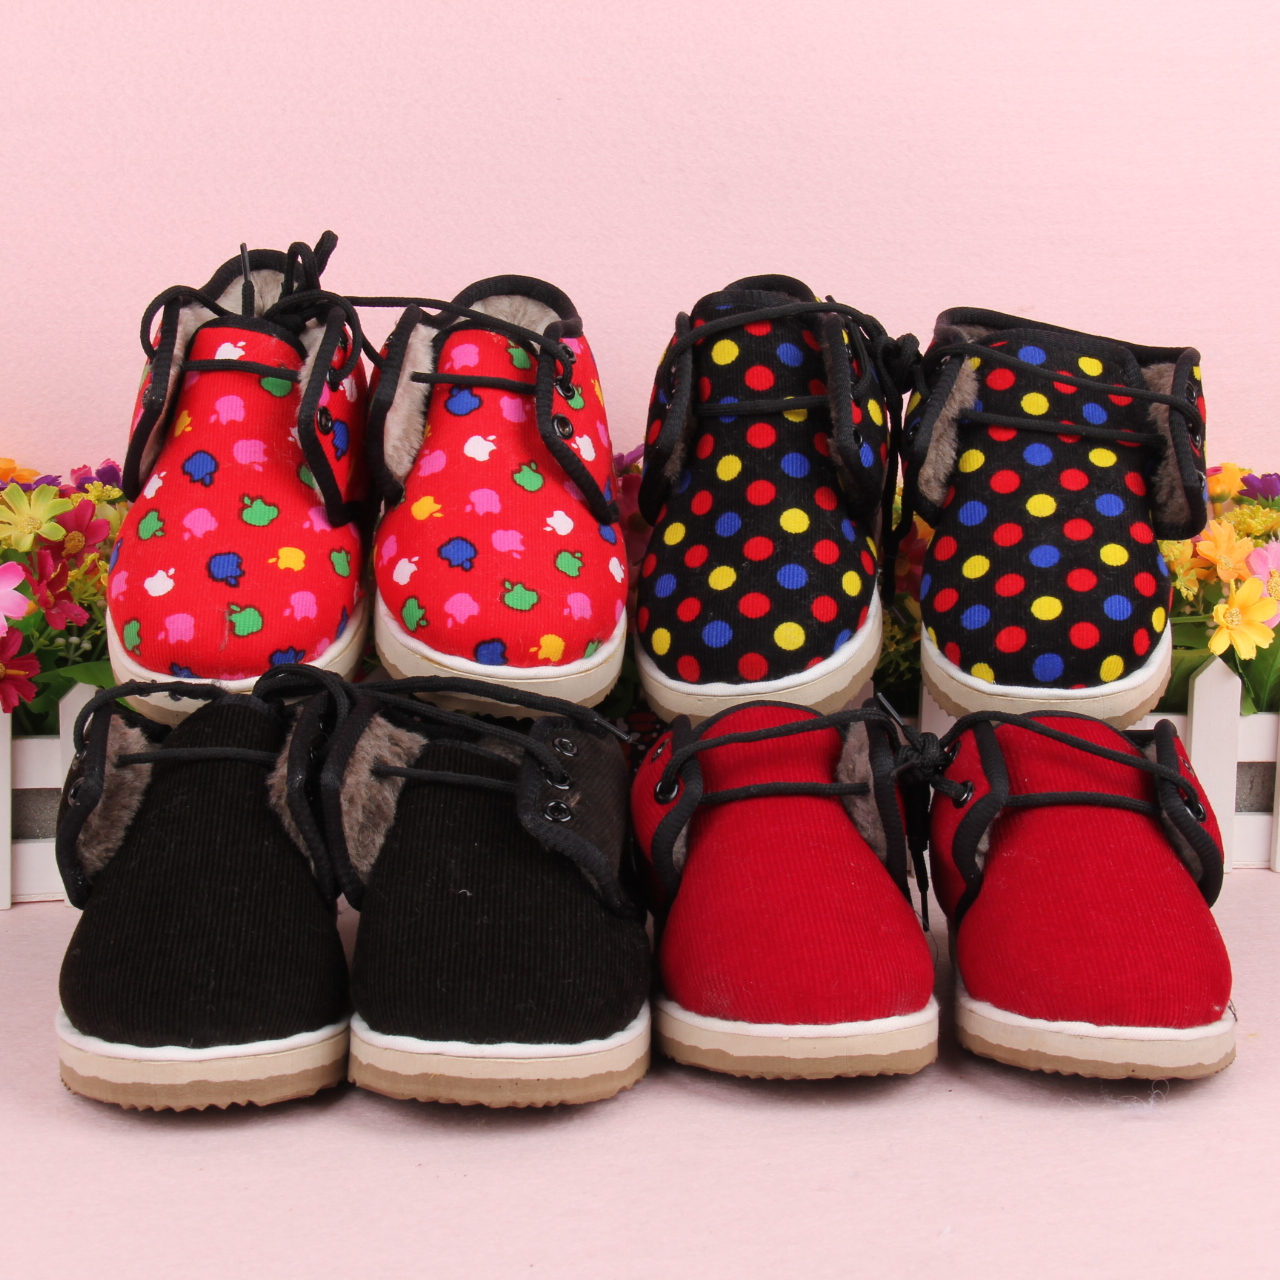 宝宝婴儿冬季手工灯心绒棉鞋保暖加绒男女儿童防滑学步棉鞋